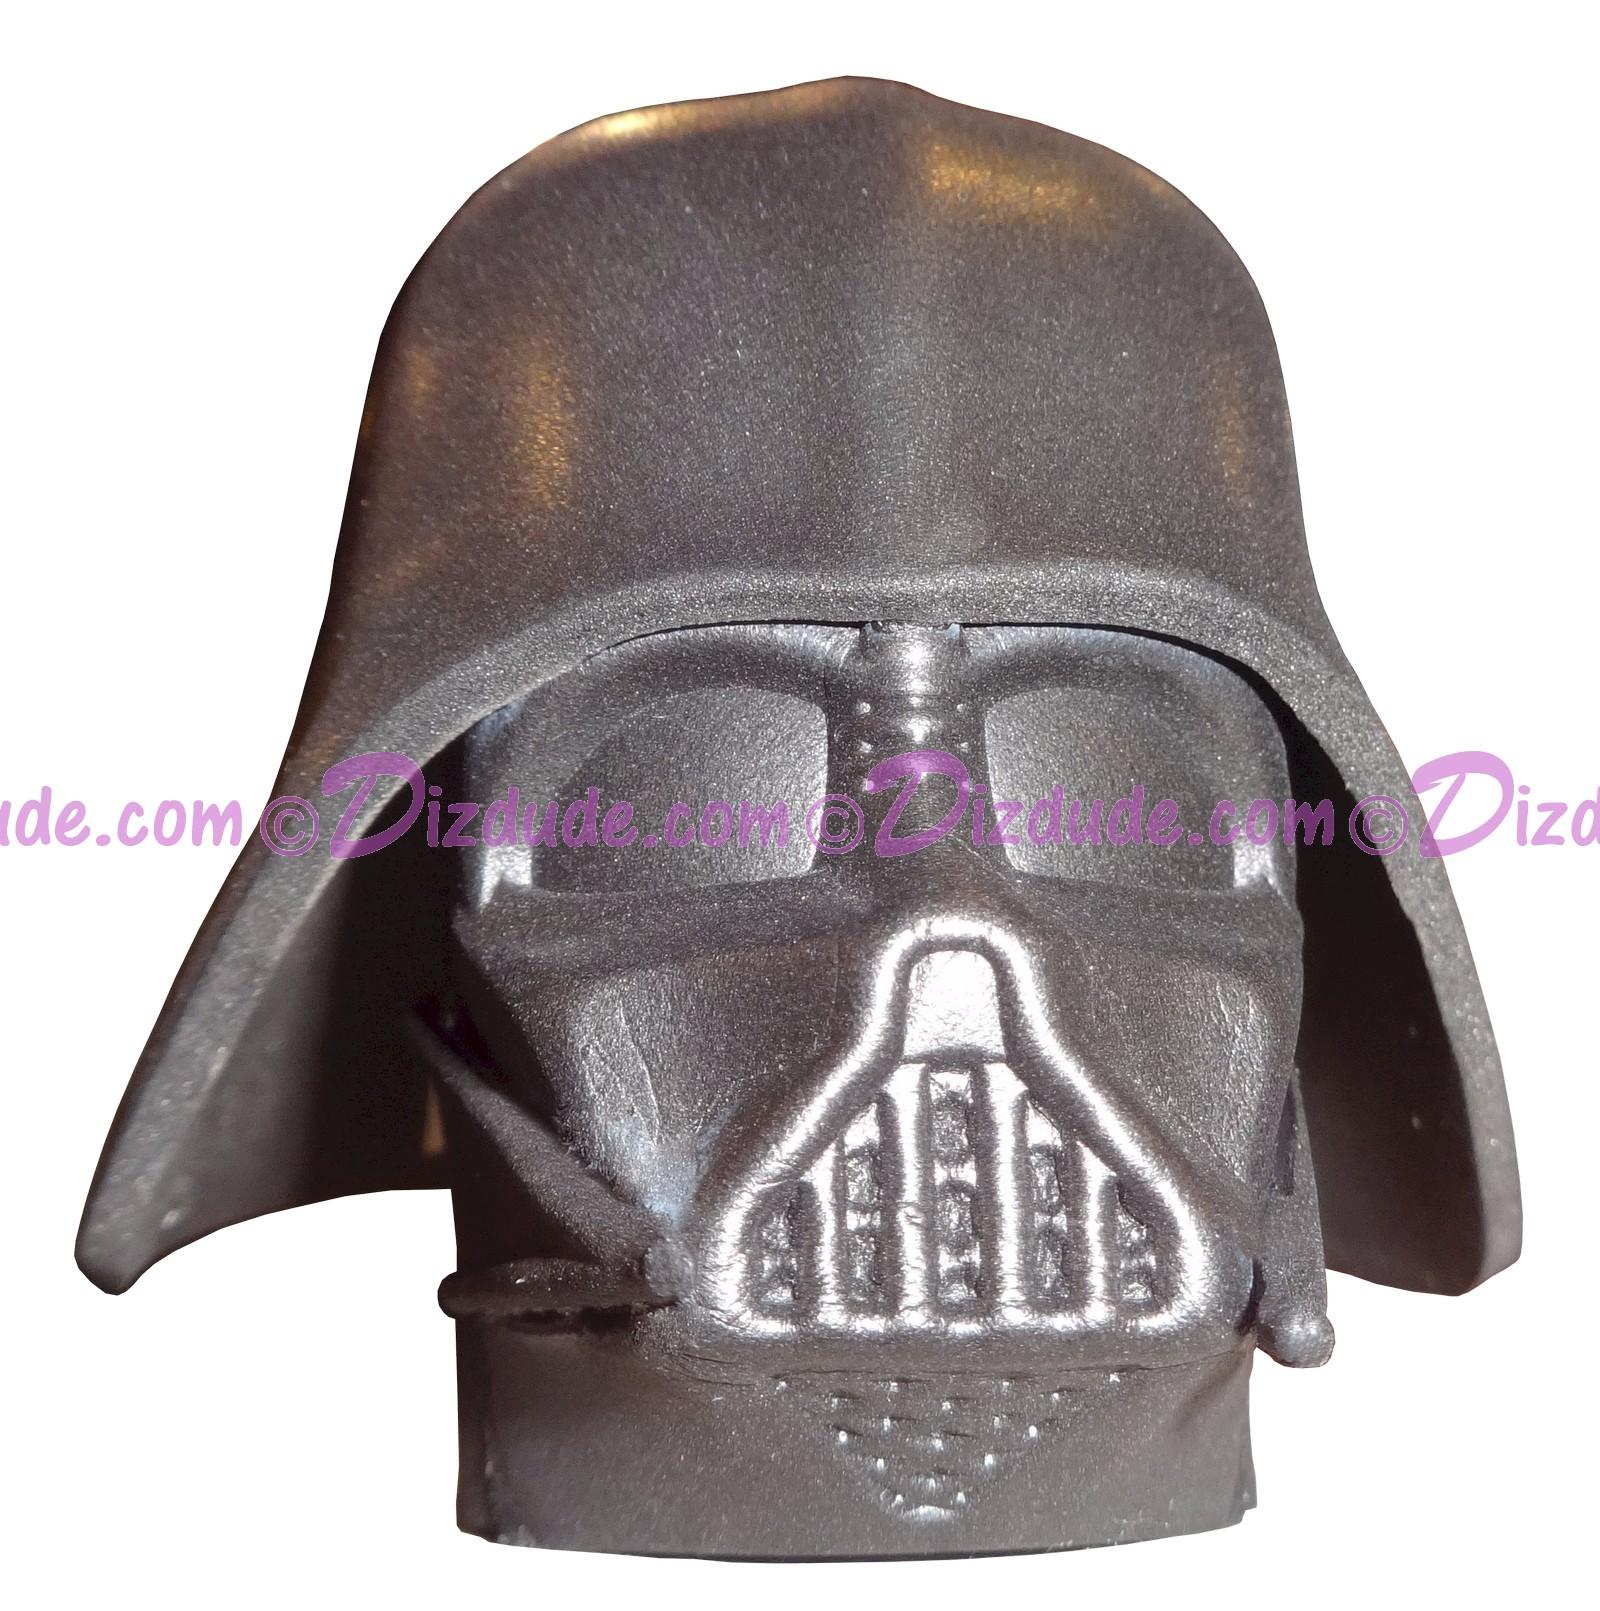 Disney's Star Wars Darth Vader Antenna Topper © Dizdude.com